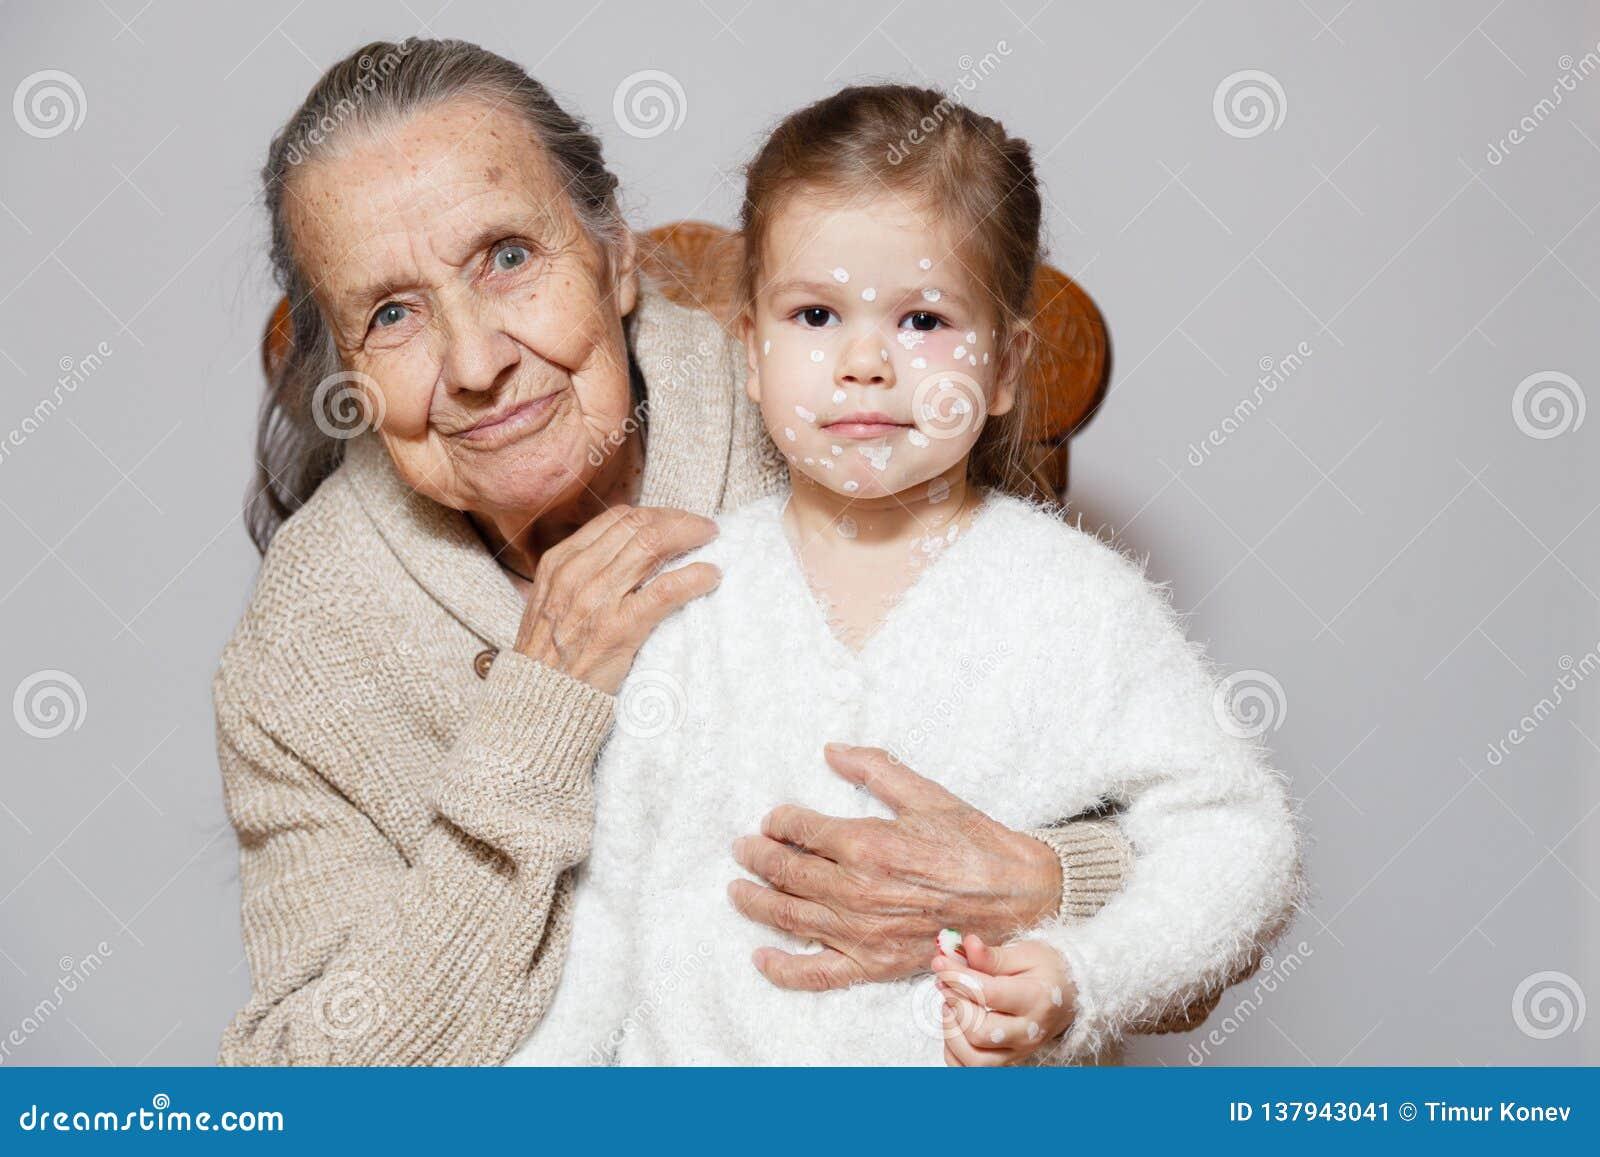 Ð ¡ pikapu szarość tęsk z włosami babcia w trykotowej pulowerów uściśnięć wnuczce z kurczaka pox, biel kropki, bąble na twarzy Po